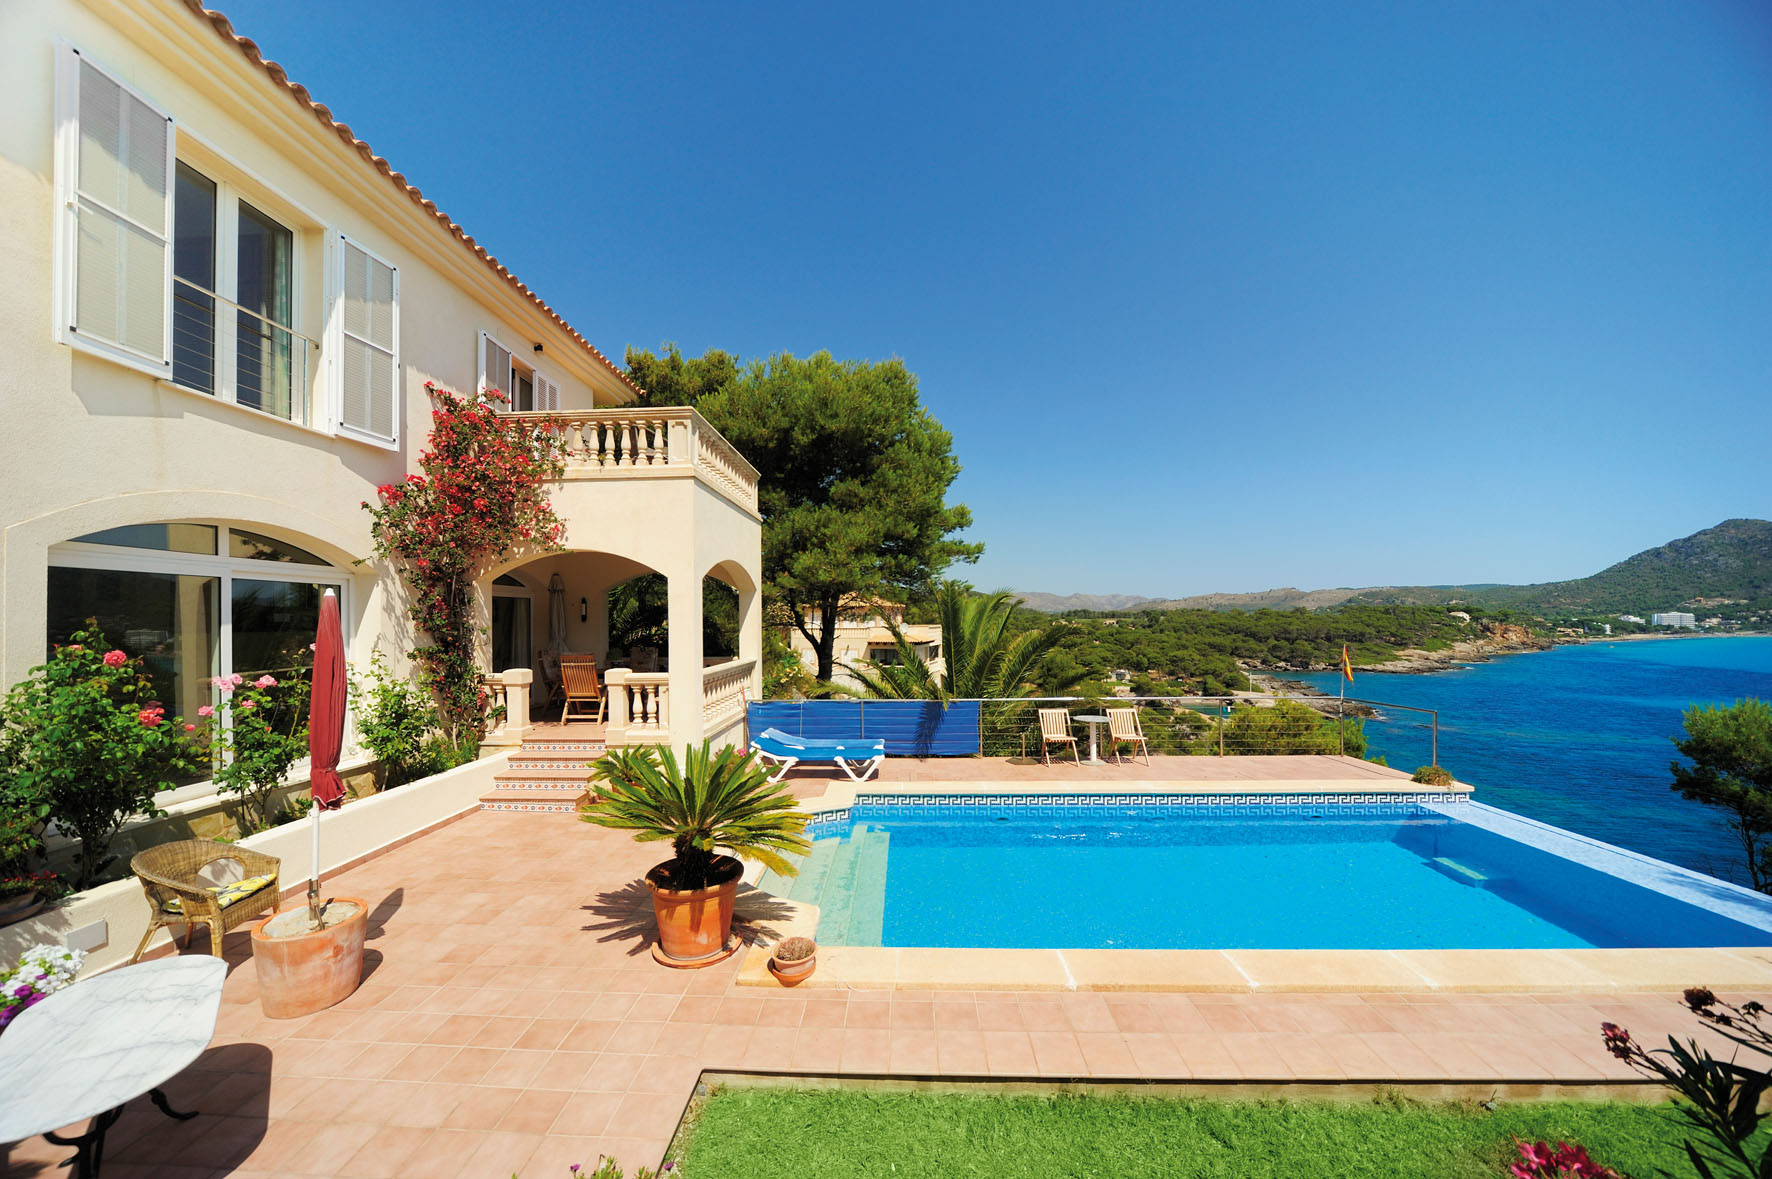 Ferienvermietung auf Mallorca ist beliebt und lukrativ